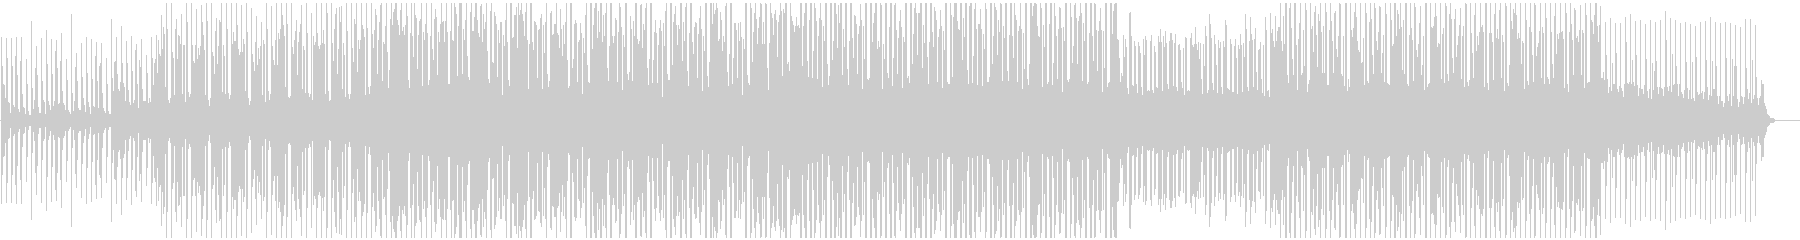 レトロフューチャー 80's洋楽ファンクの未再生の波形